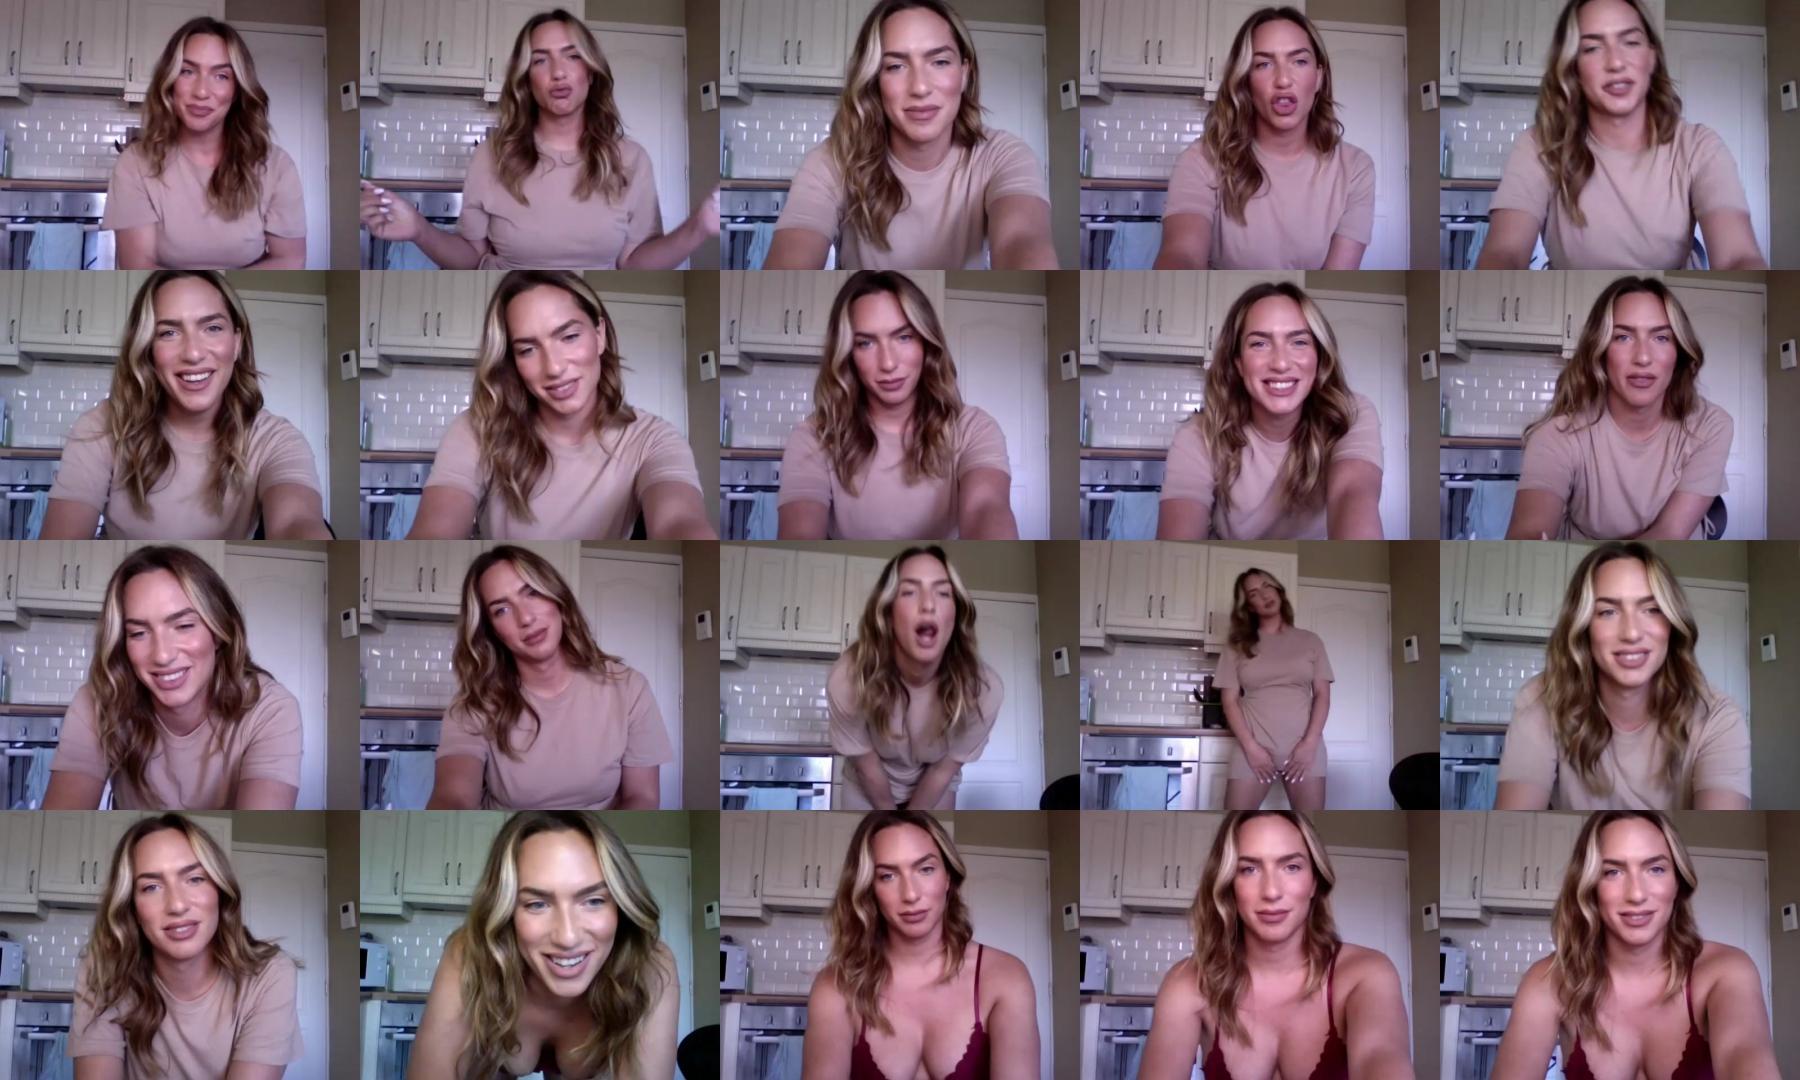 Megan_Coxxxx Porn CAM SHOW @ Chaturbate 17-09-2021